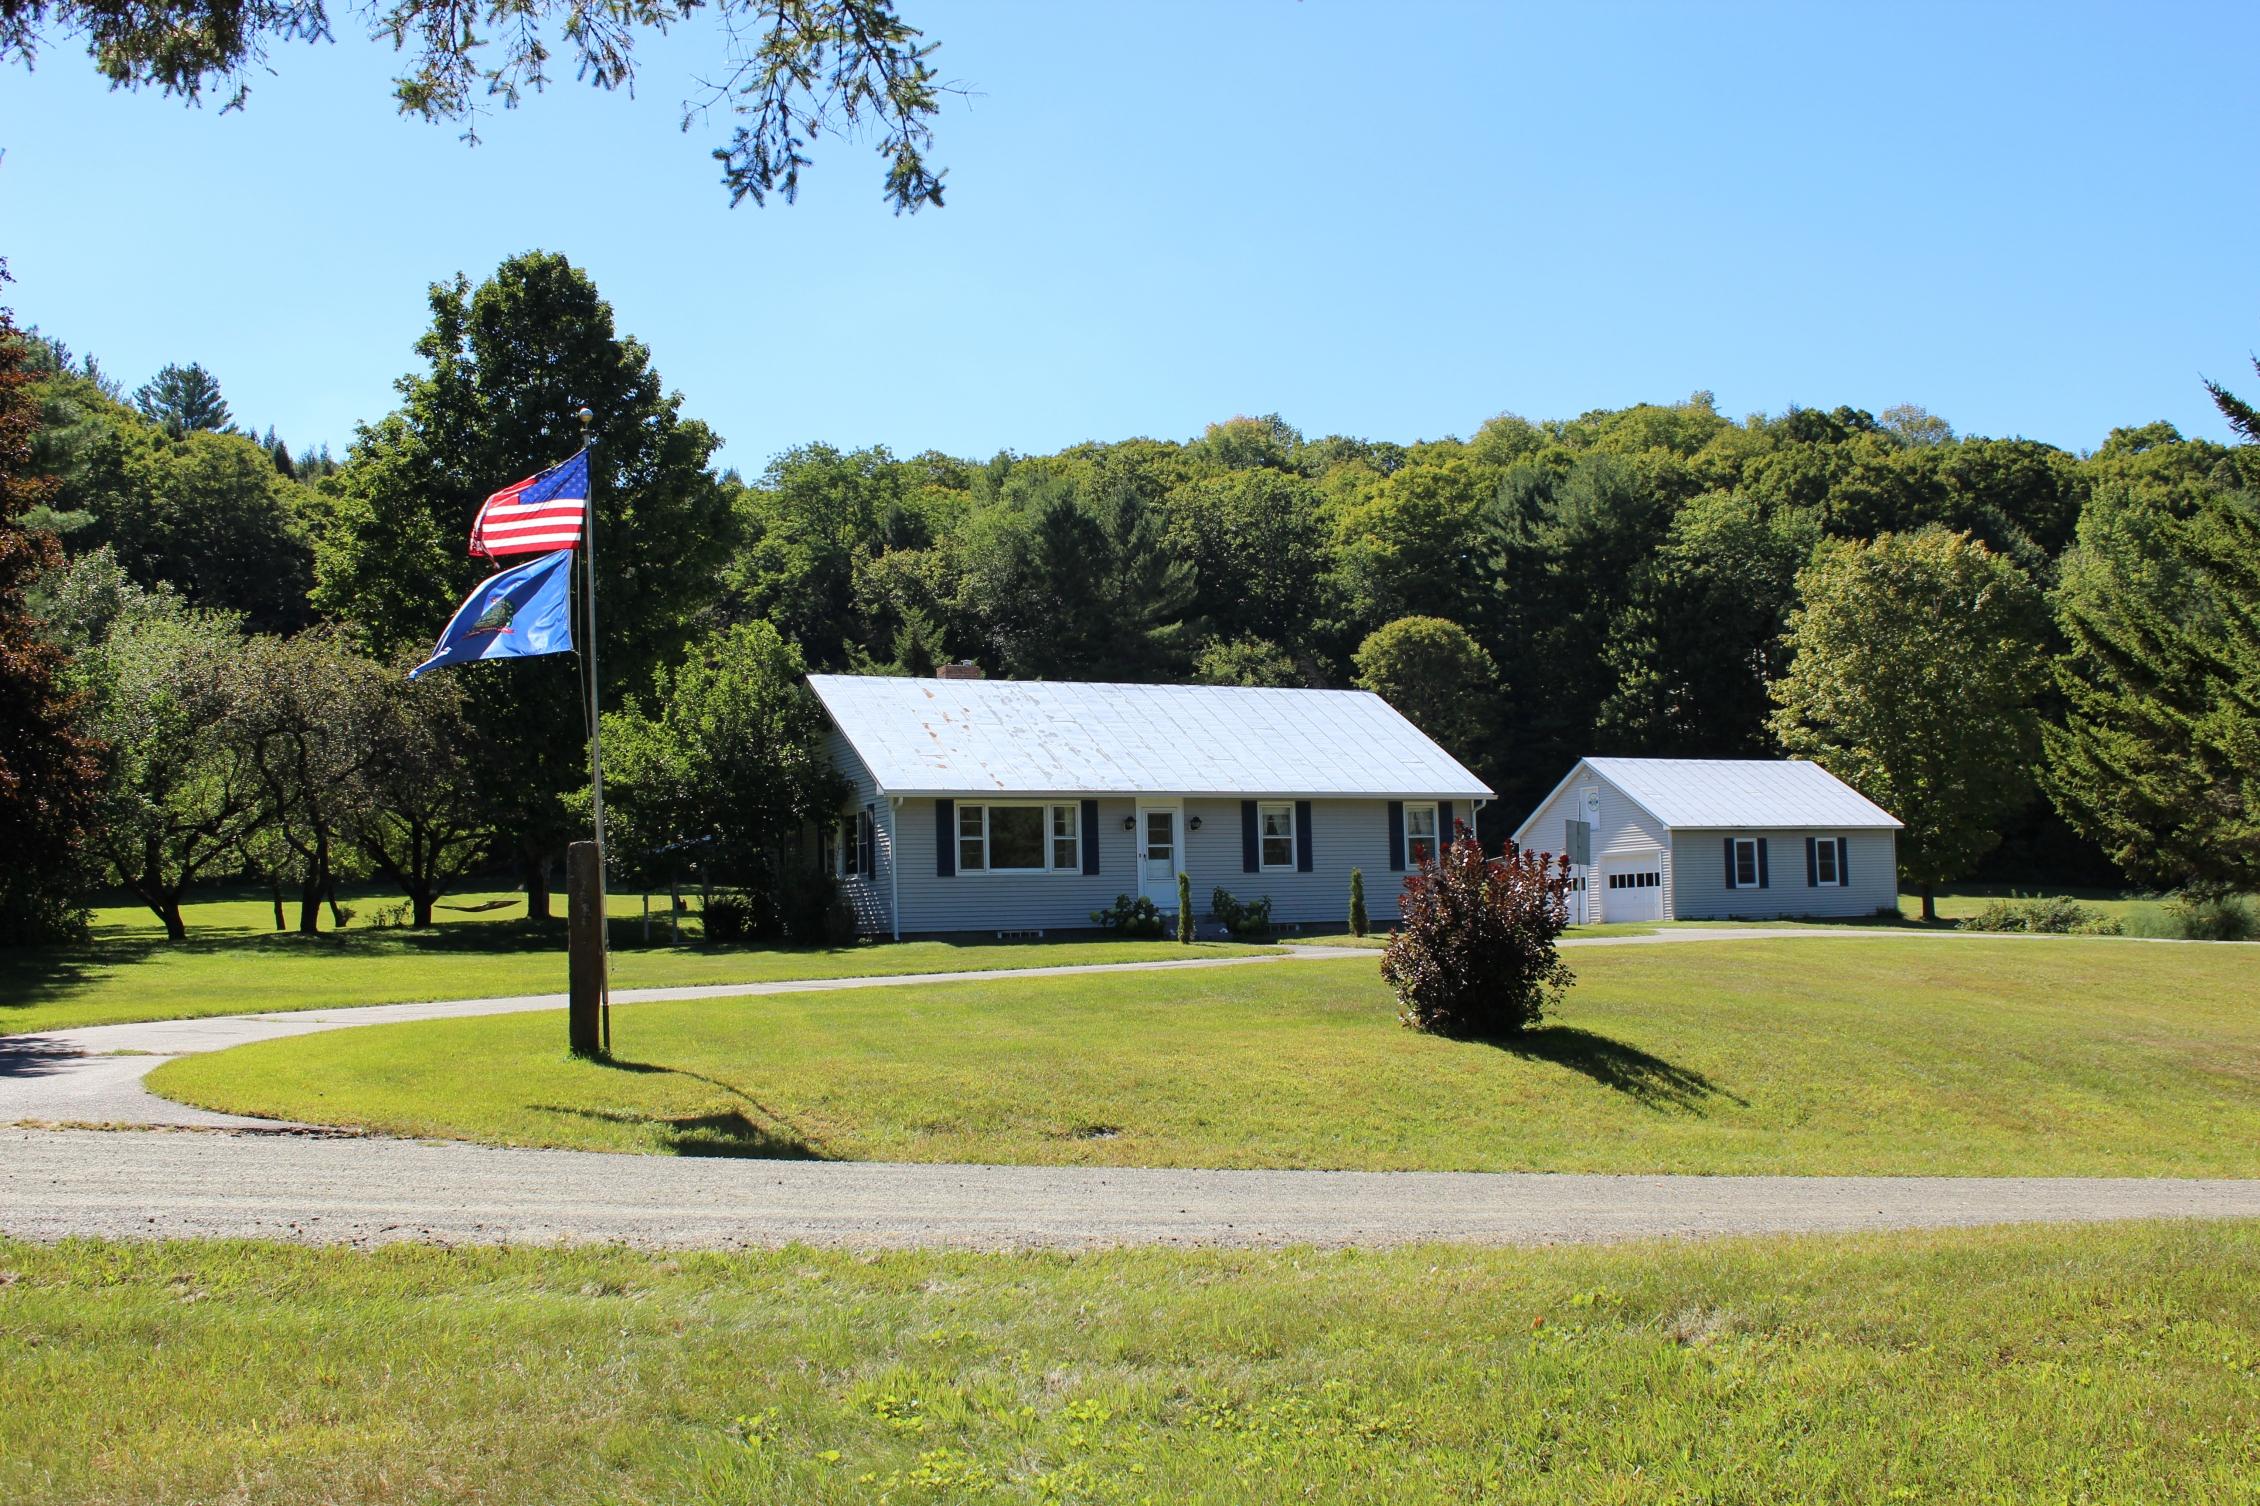 154 Roberts Rd, Woodstock, VT 05091